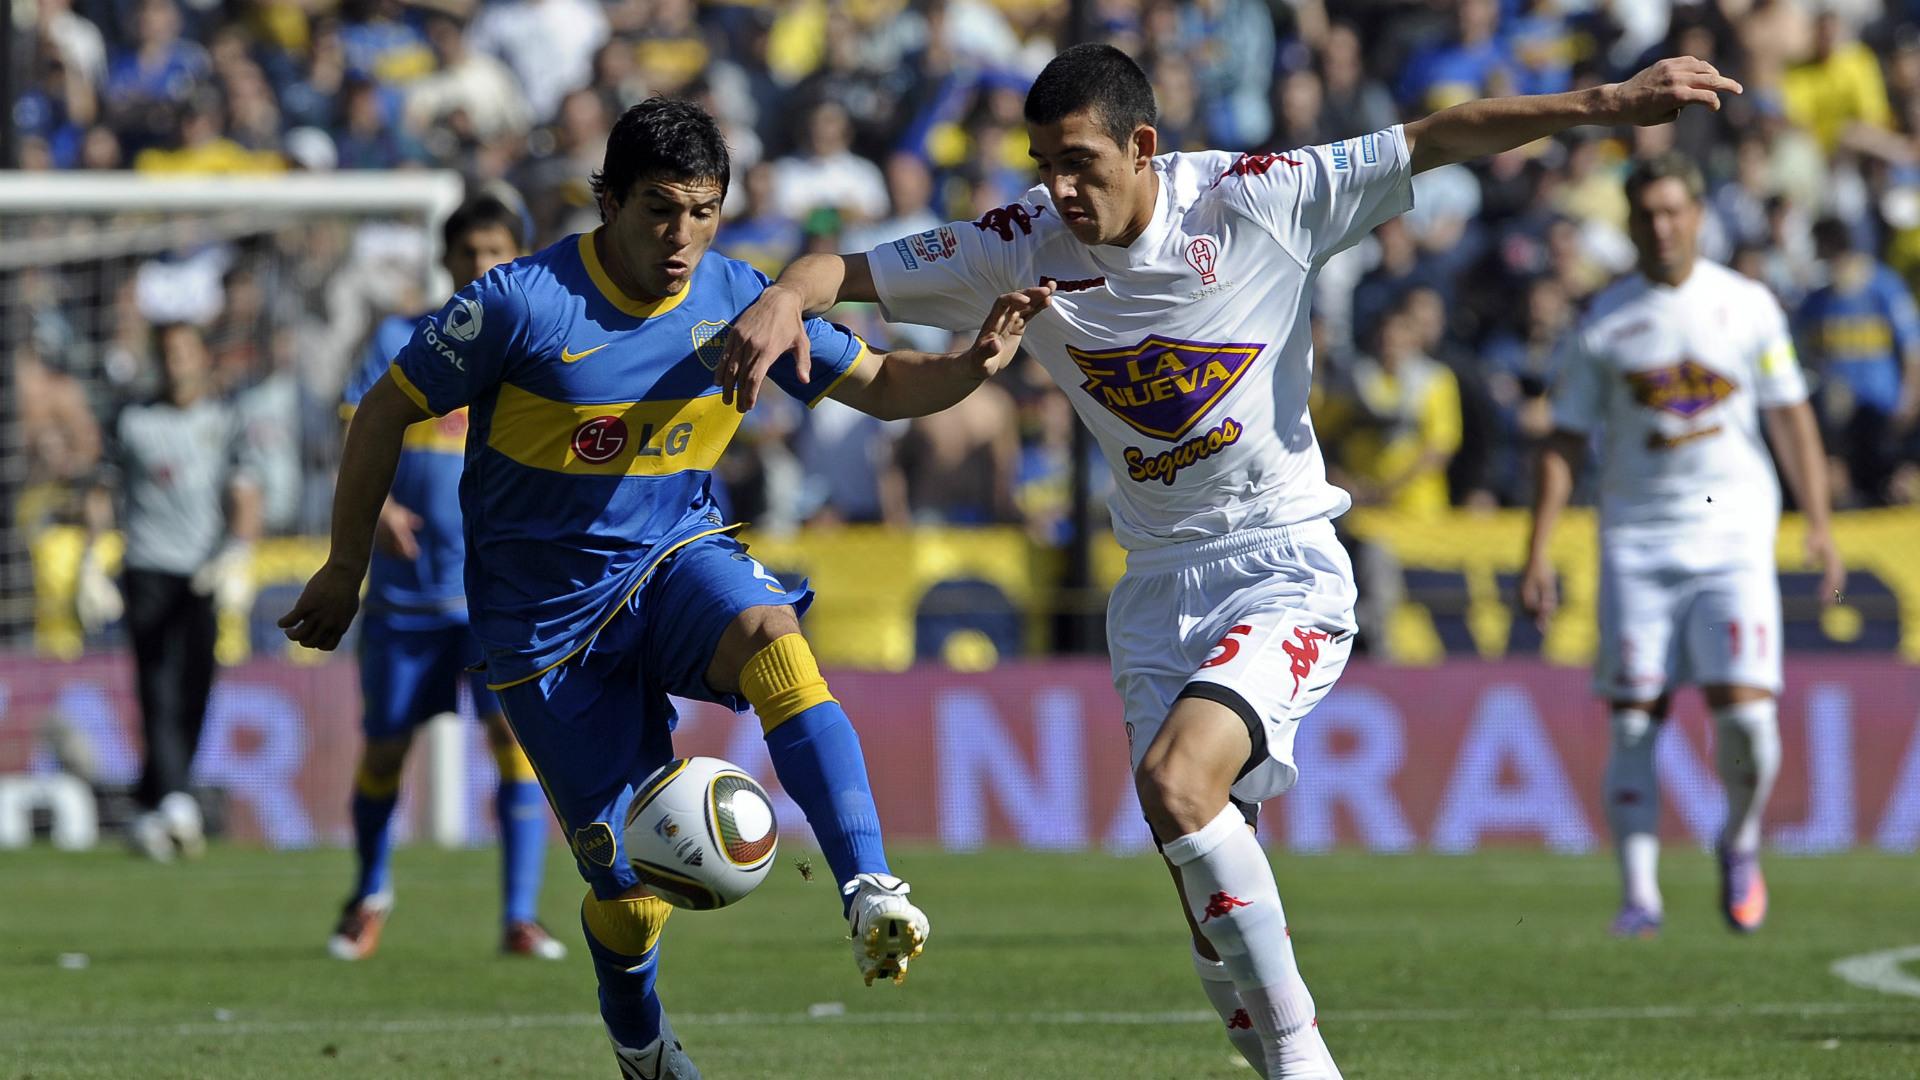 Rodrigo Battaglia Huracan Boca